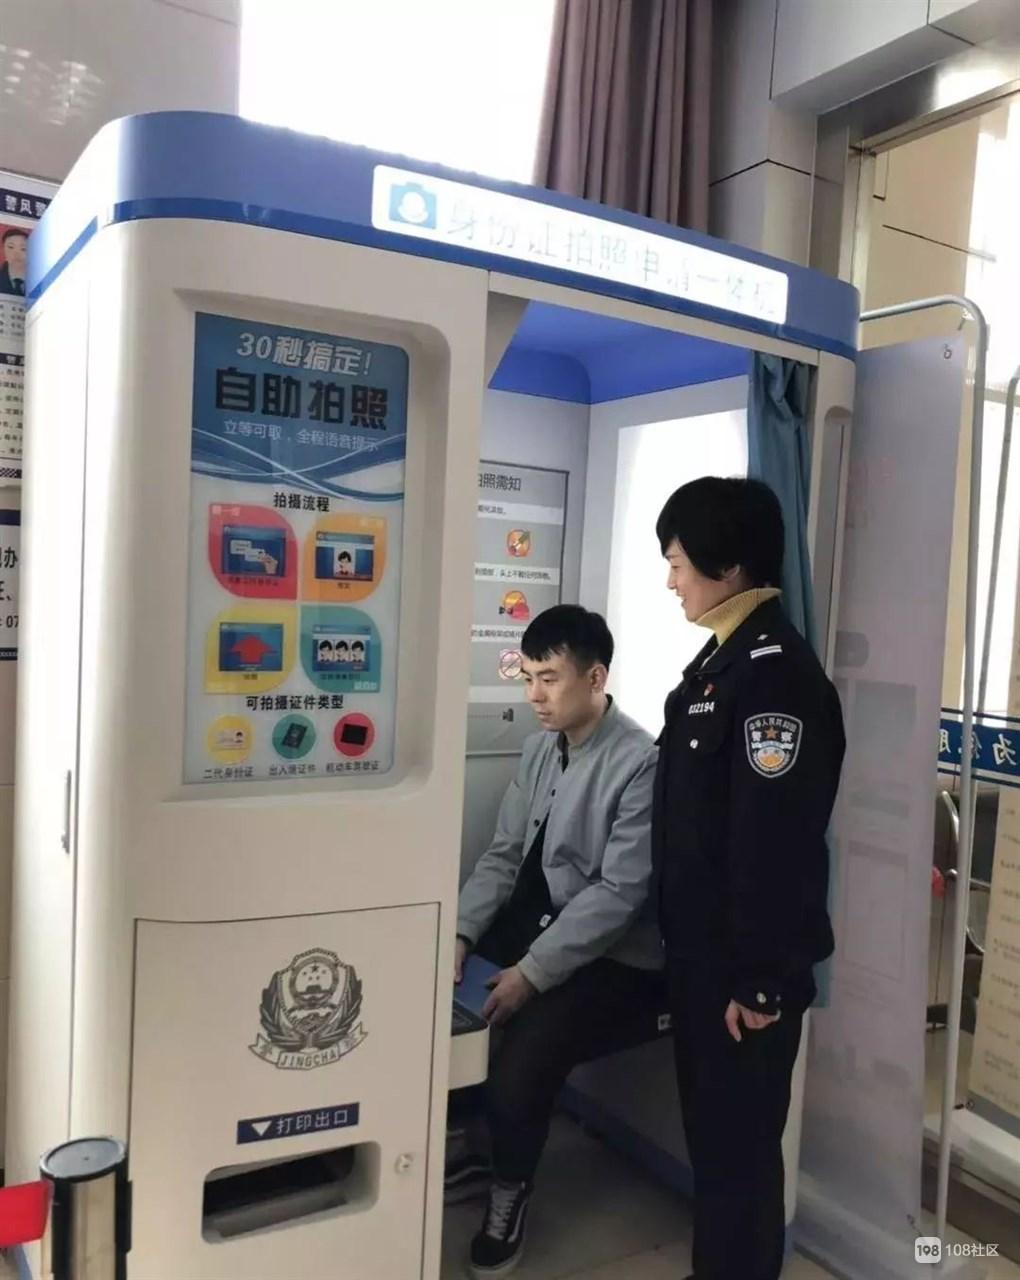 像ATM机取款一样方便 景德镇人办身份证可24小时自助了